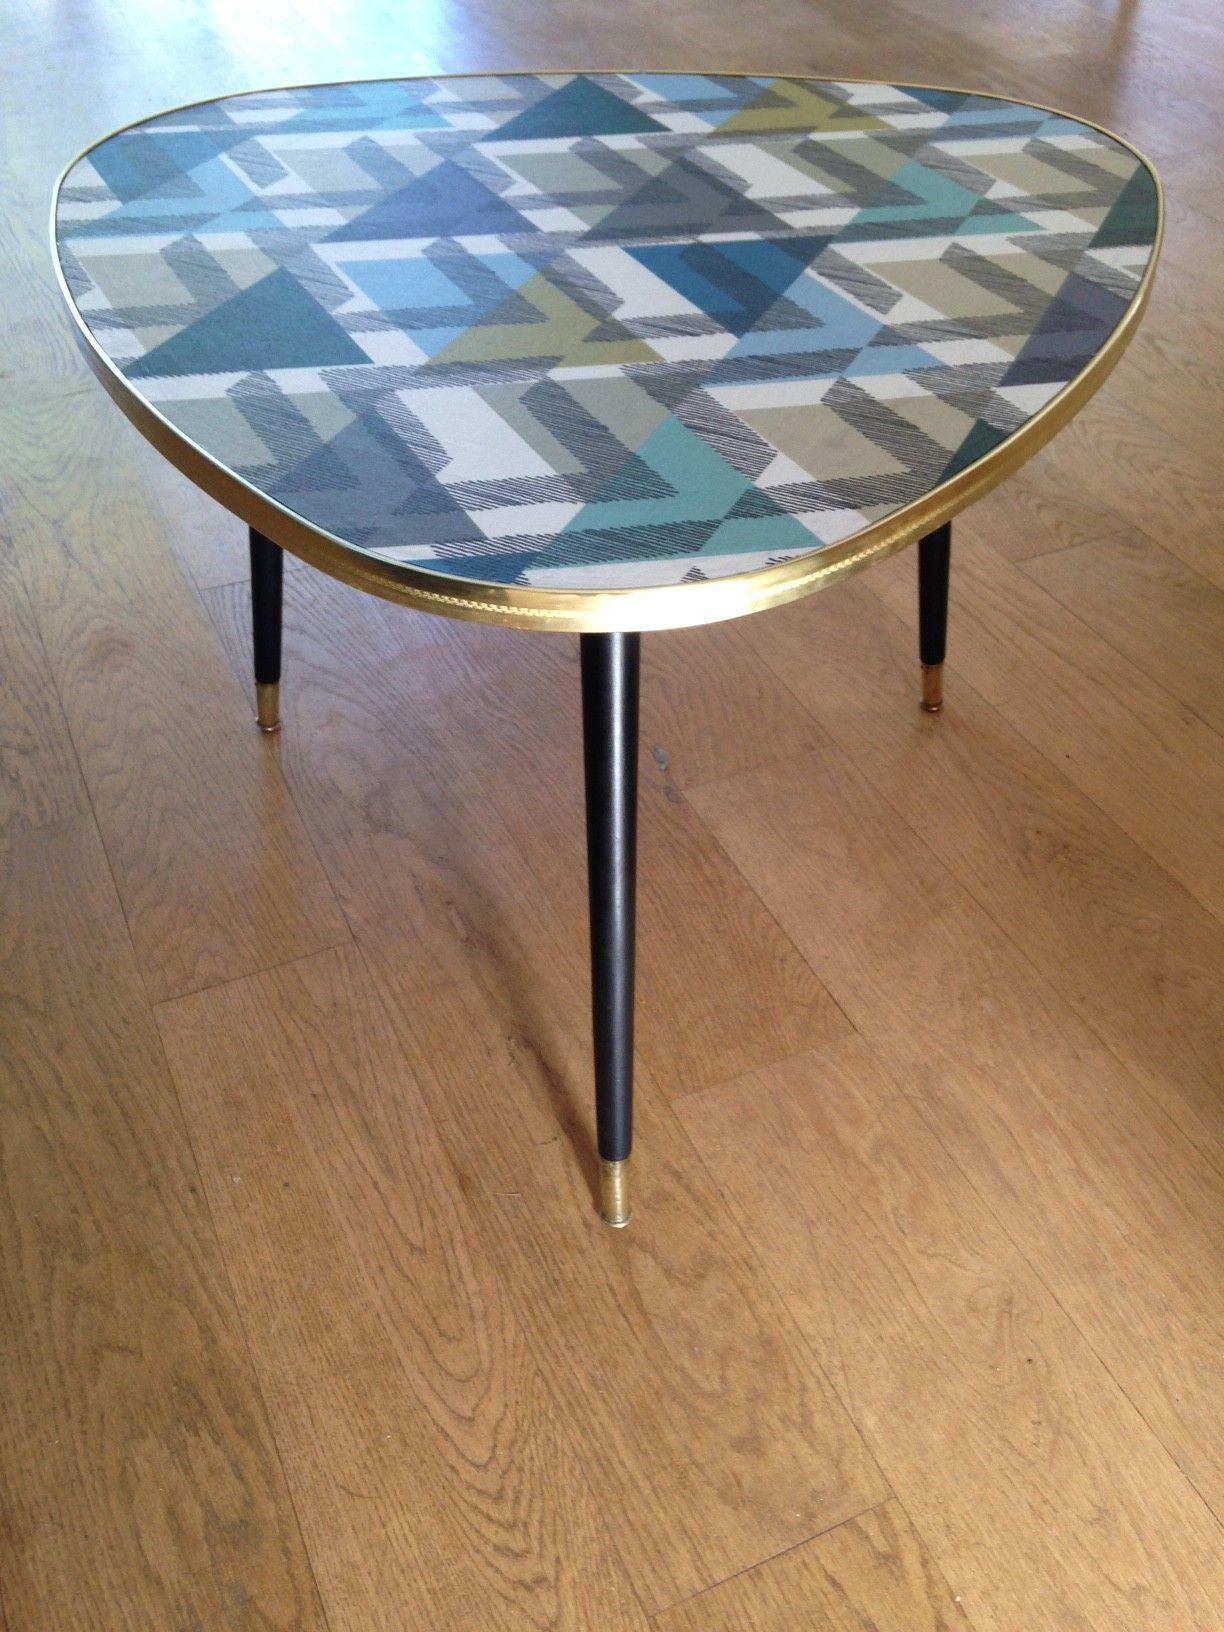 table tripode esprit scandinave tendance vintage design scandinave industriel ancien en. Black Bedroom Furniture Sets. Home Design Ideas